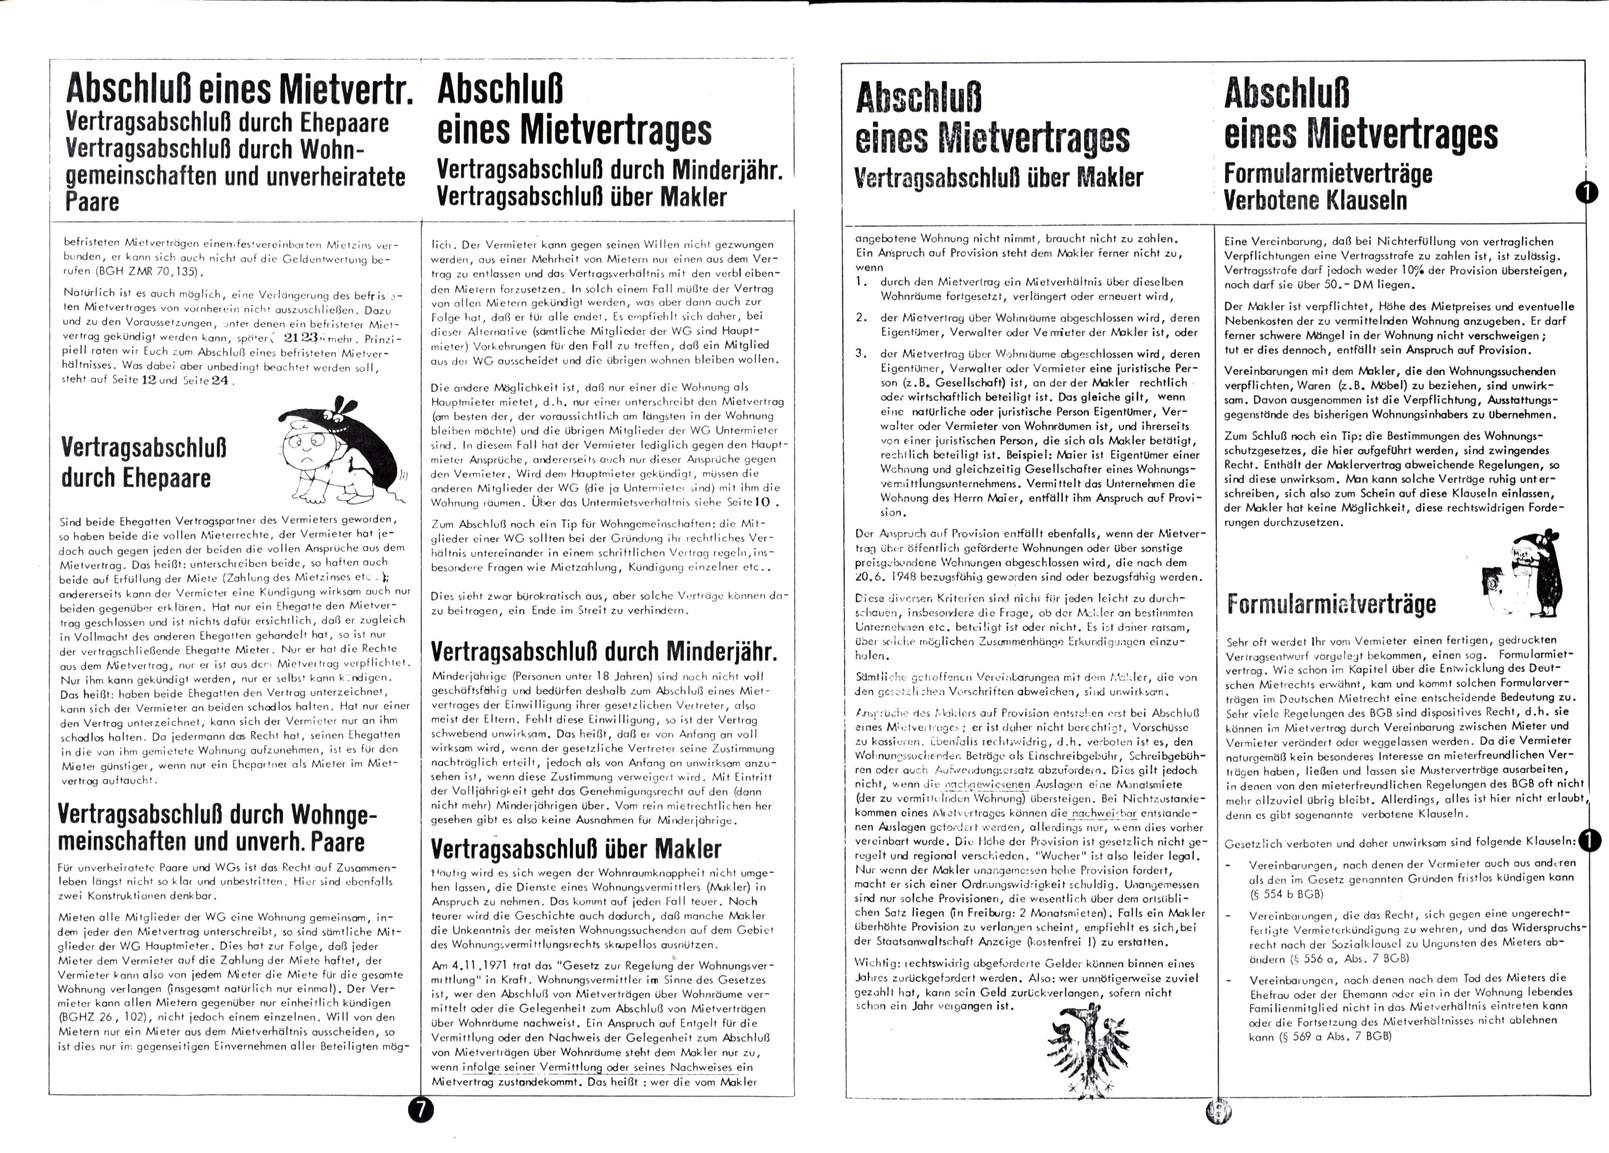 Muenster_AStA_Info_19770000_Mietinfo1_05